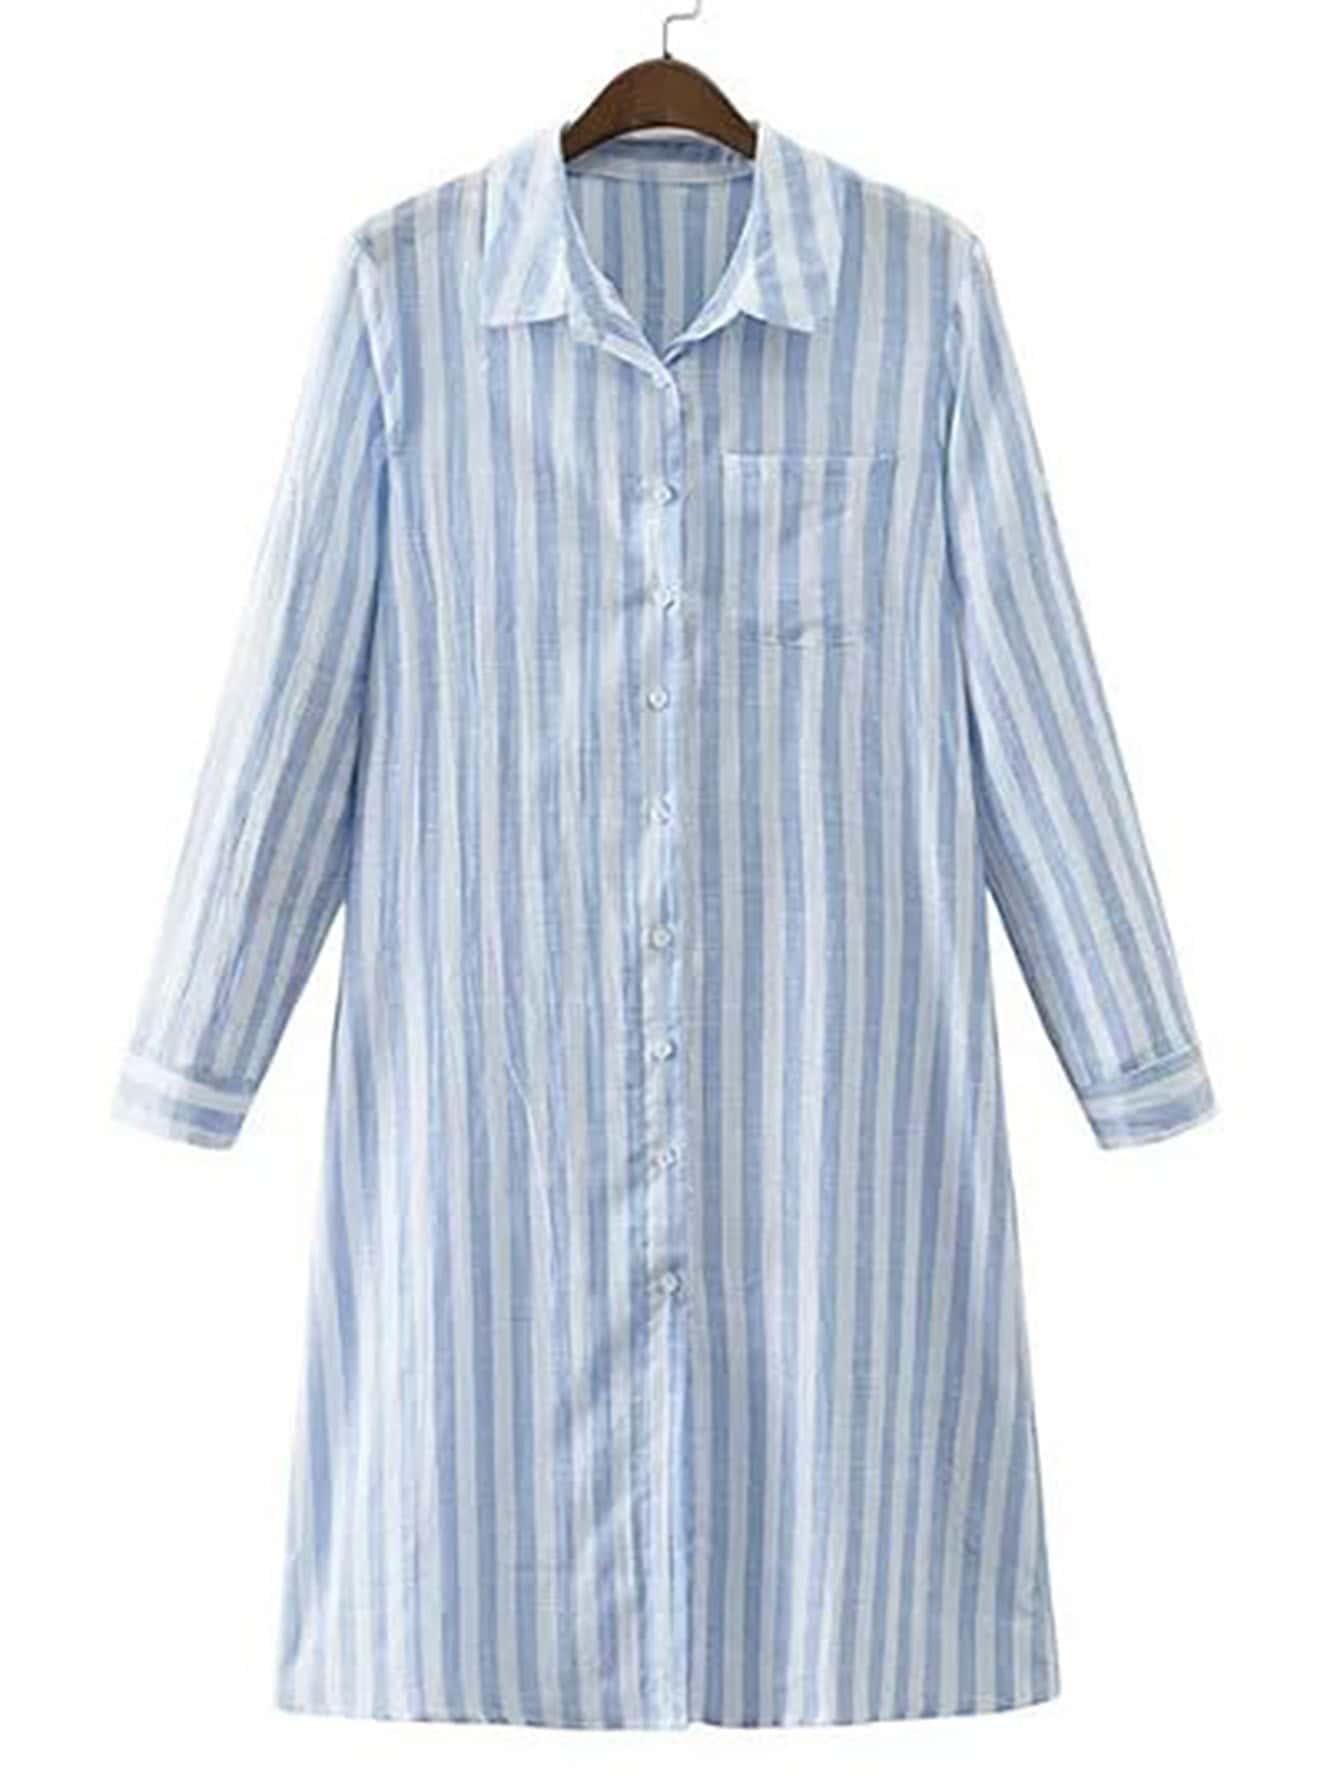 Vertical striped pocket shirt dress shein sheinside for Vertical striped dress shirt